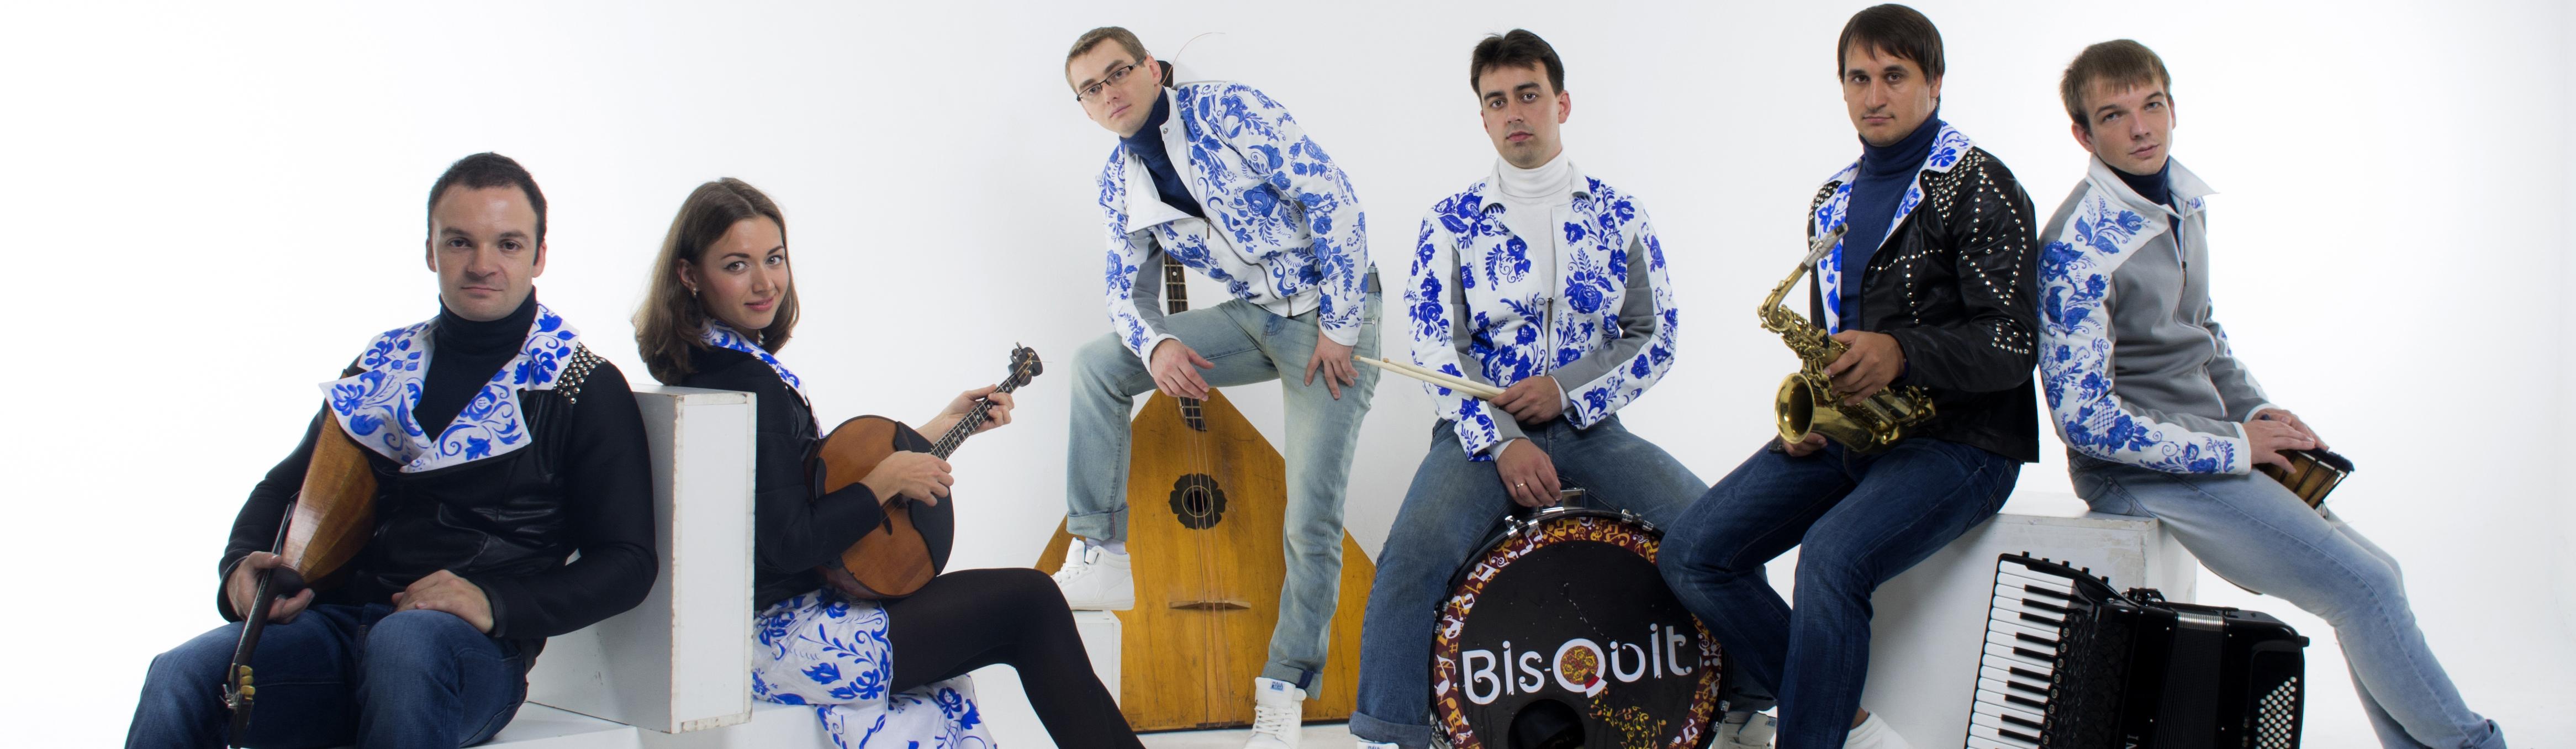 ensemble BIS-QUIT